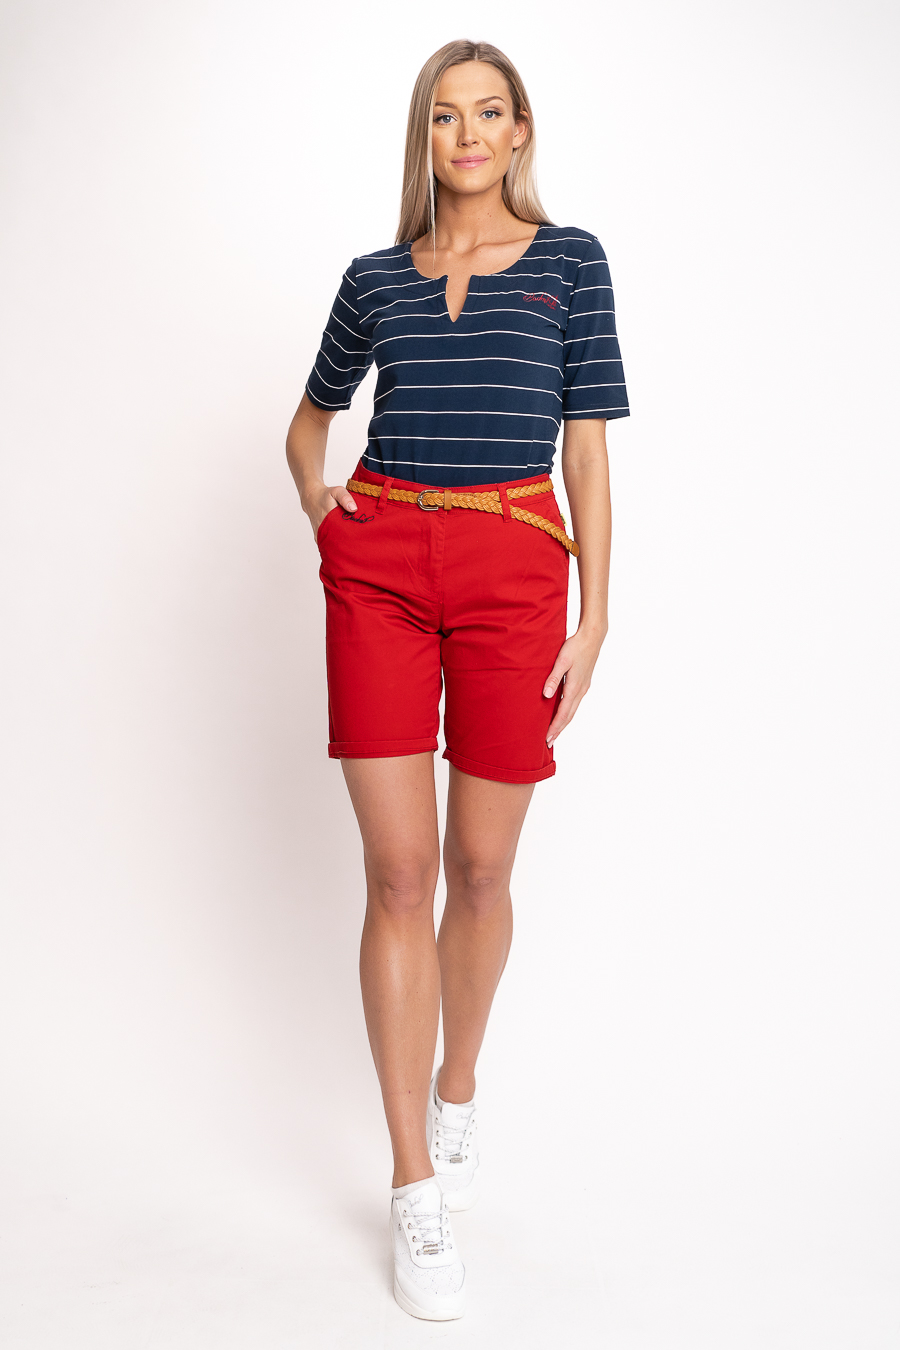 Női short, női rövidnadrág | budmil